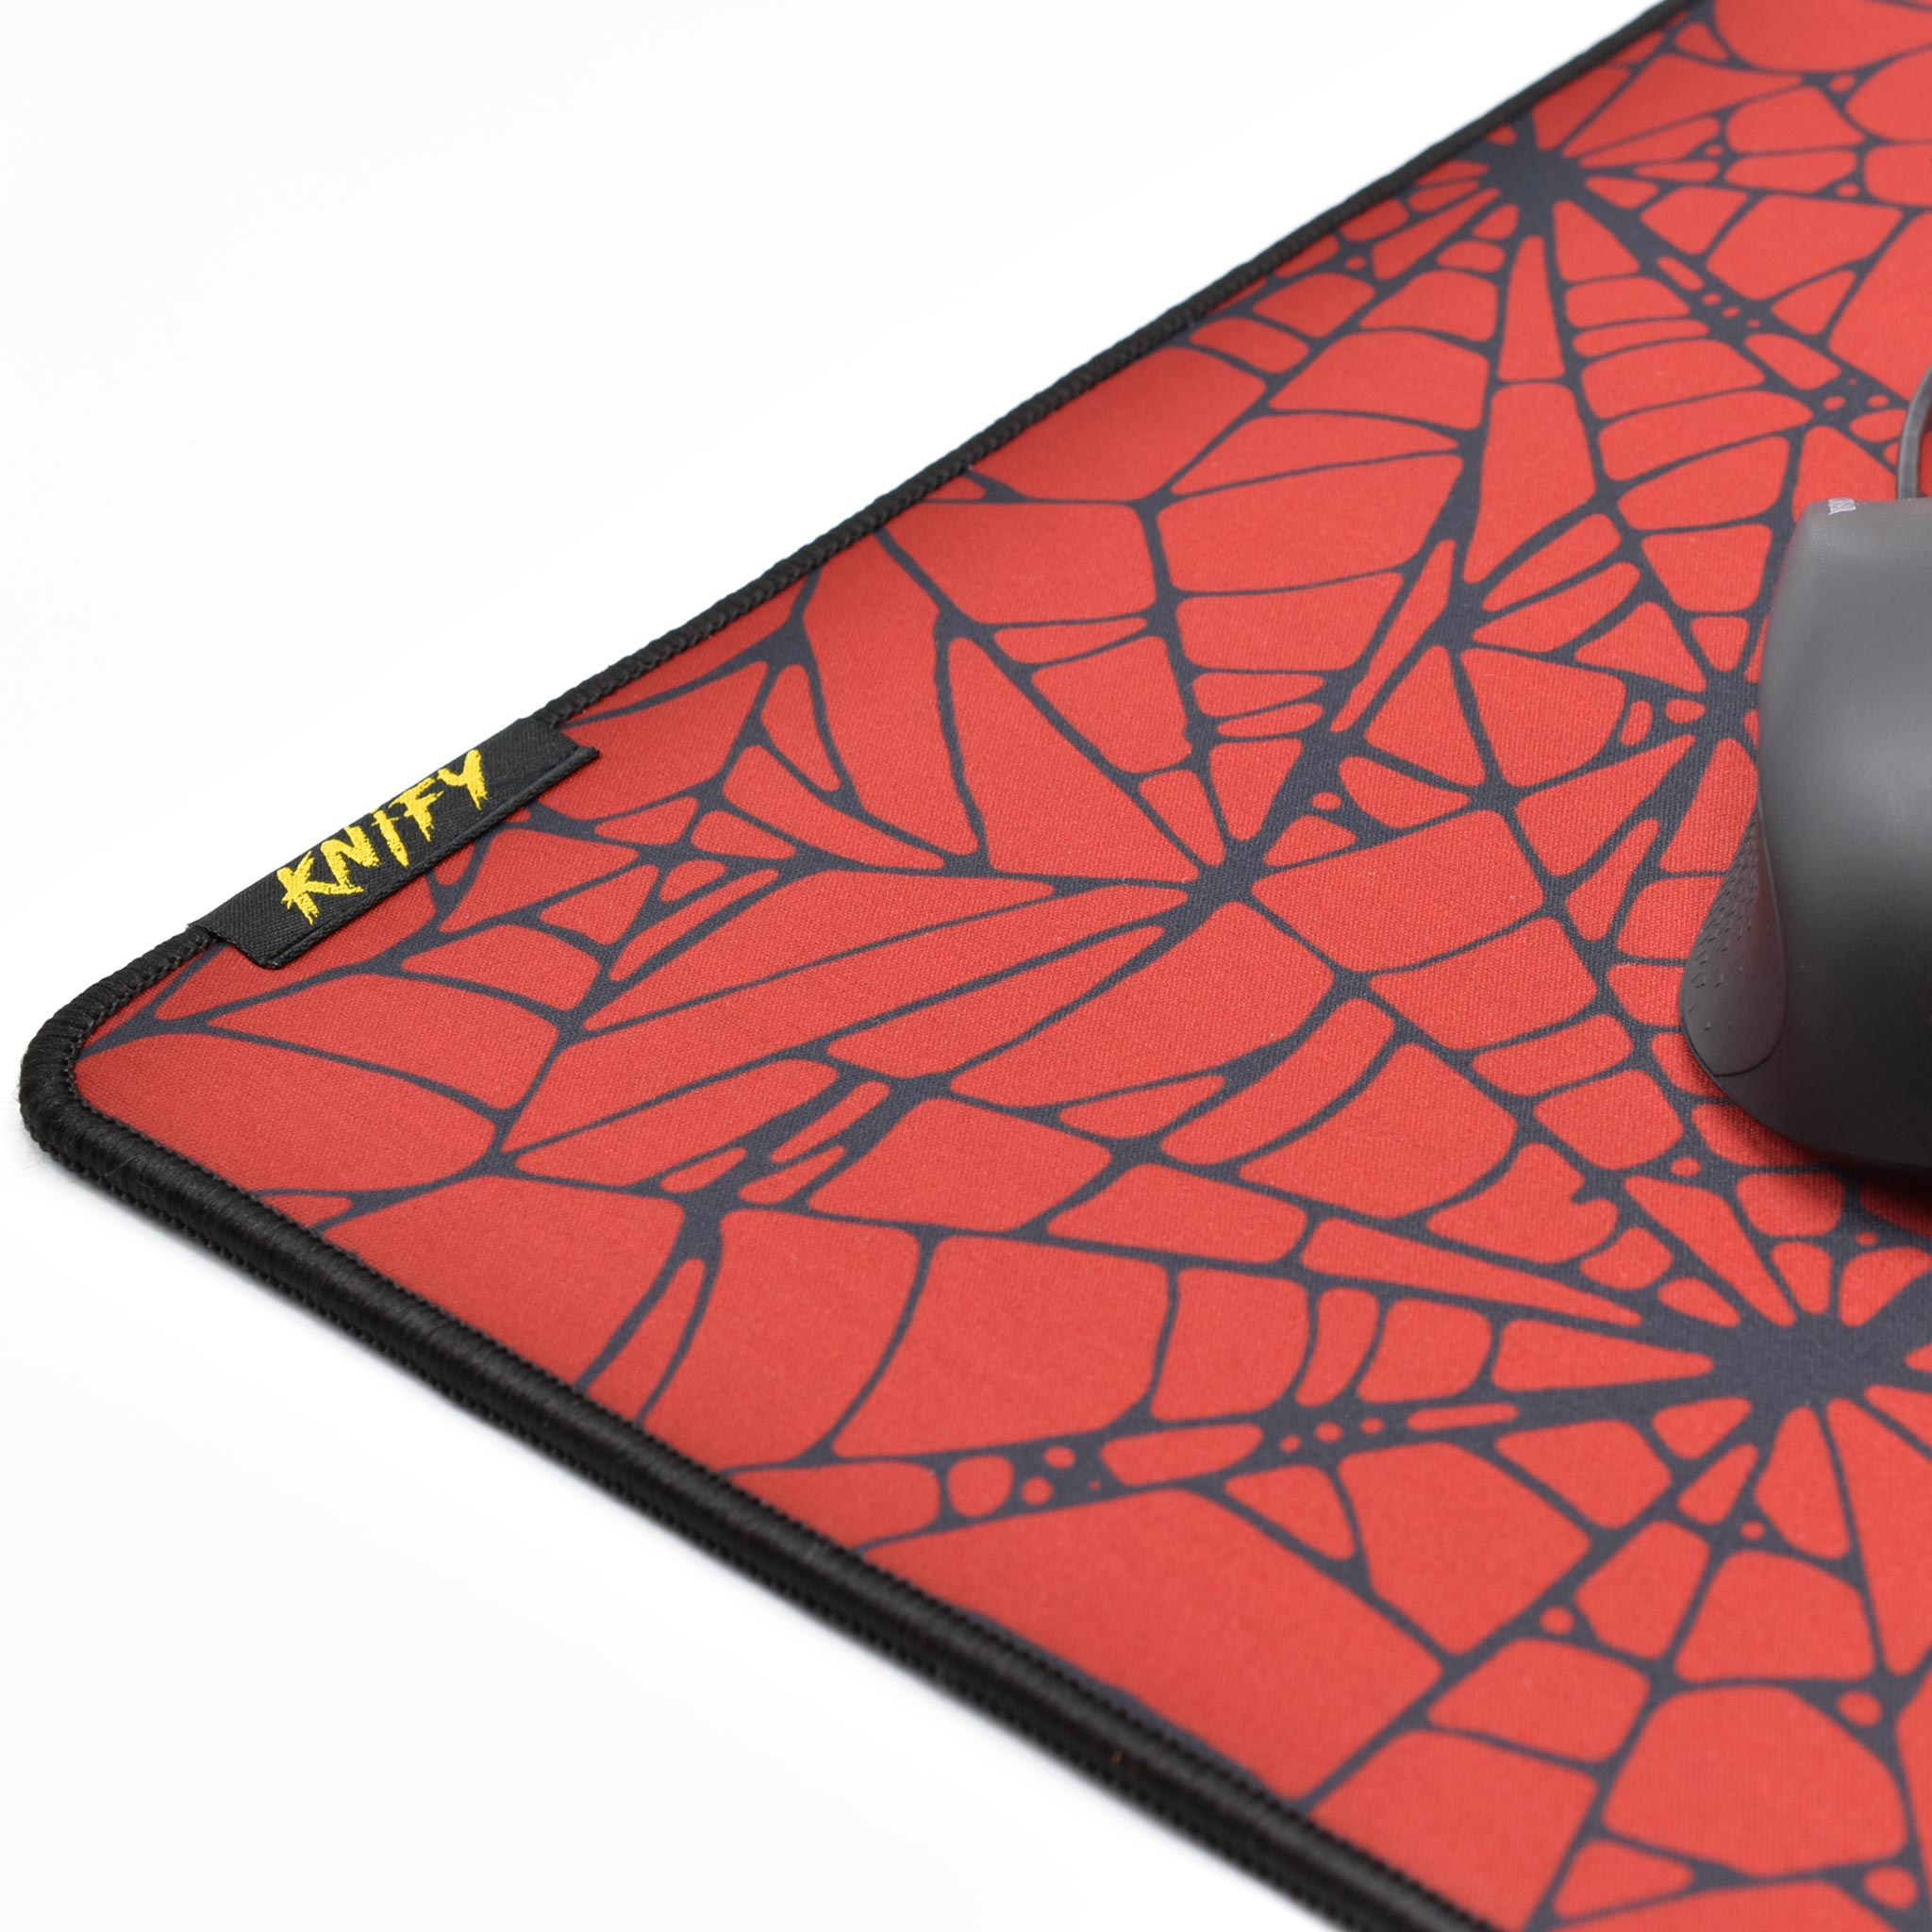 Knify | Slide New Edition - Crimson Web - Cs:go Mousepad - 5Mm Thickness dedans La Souris Du Web